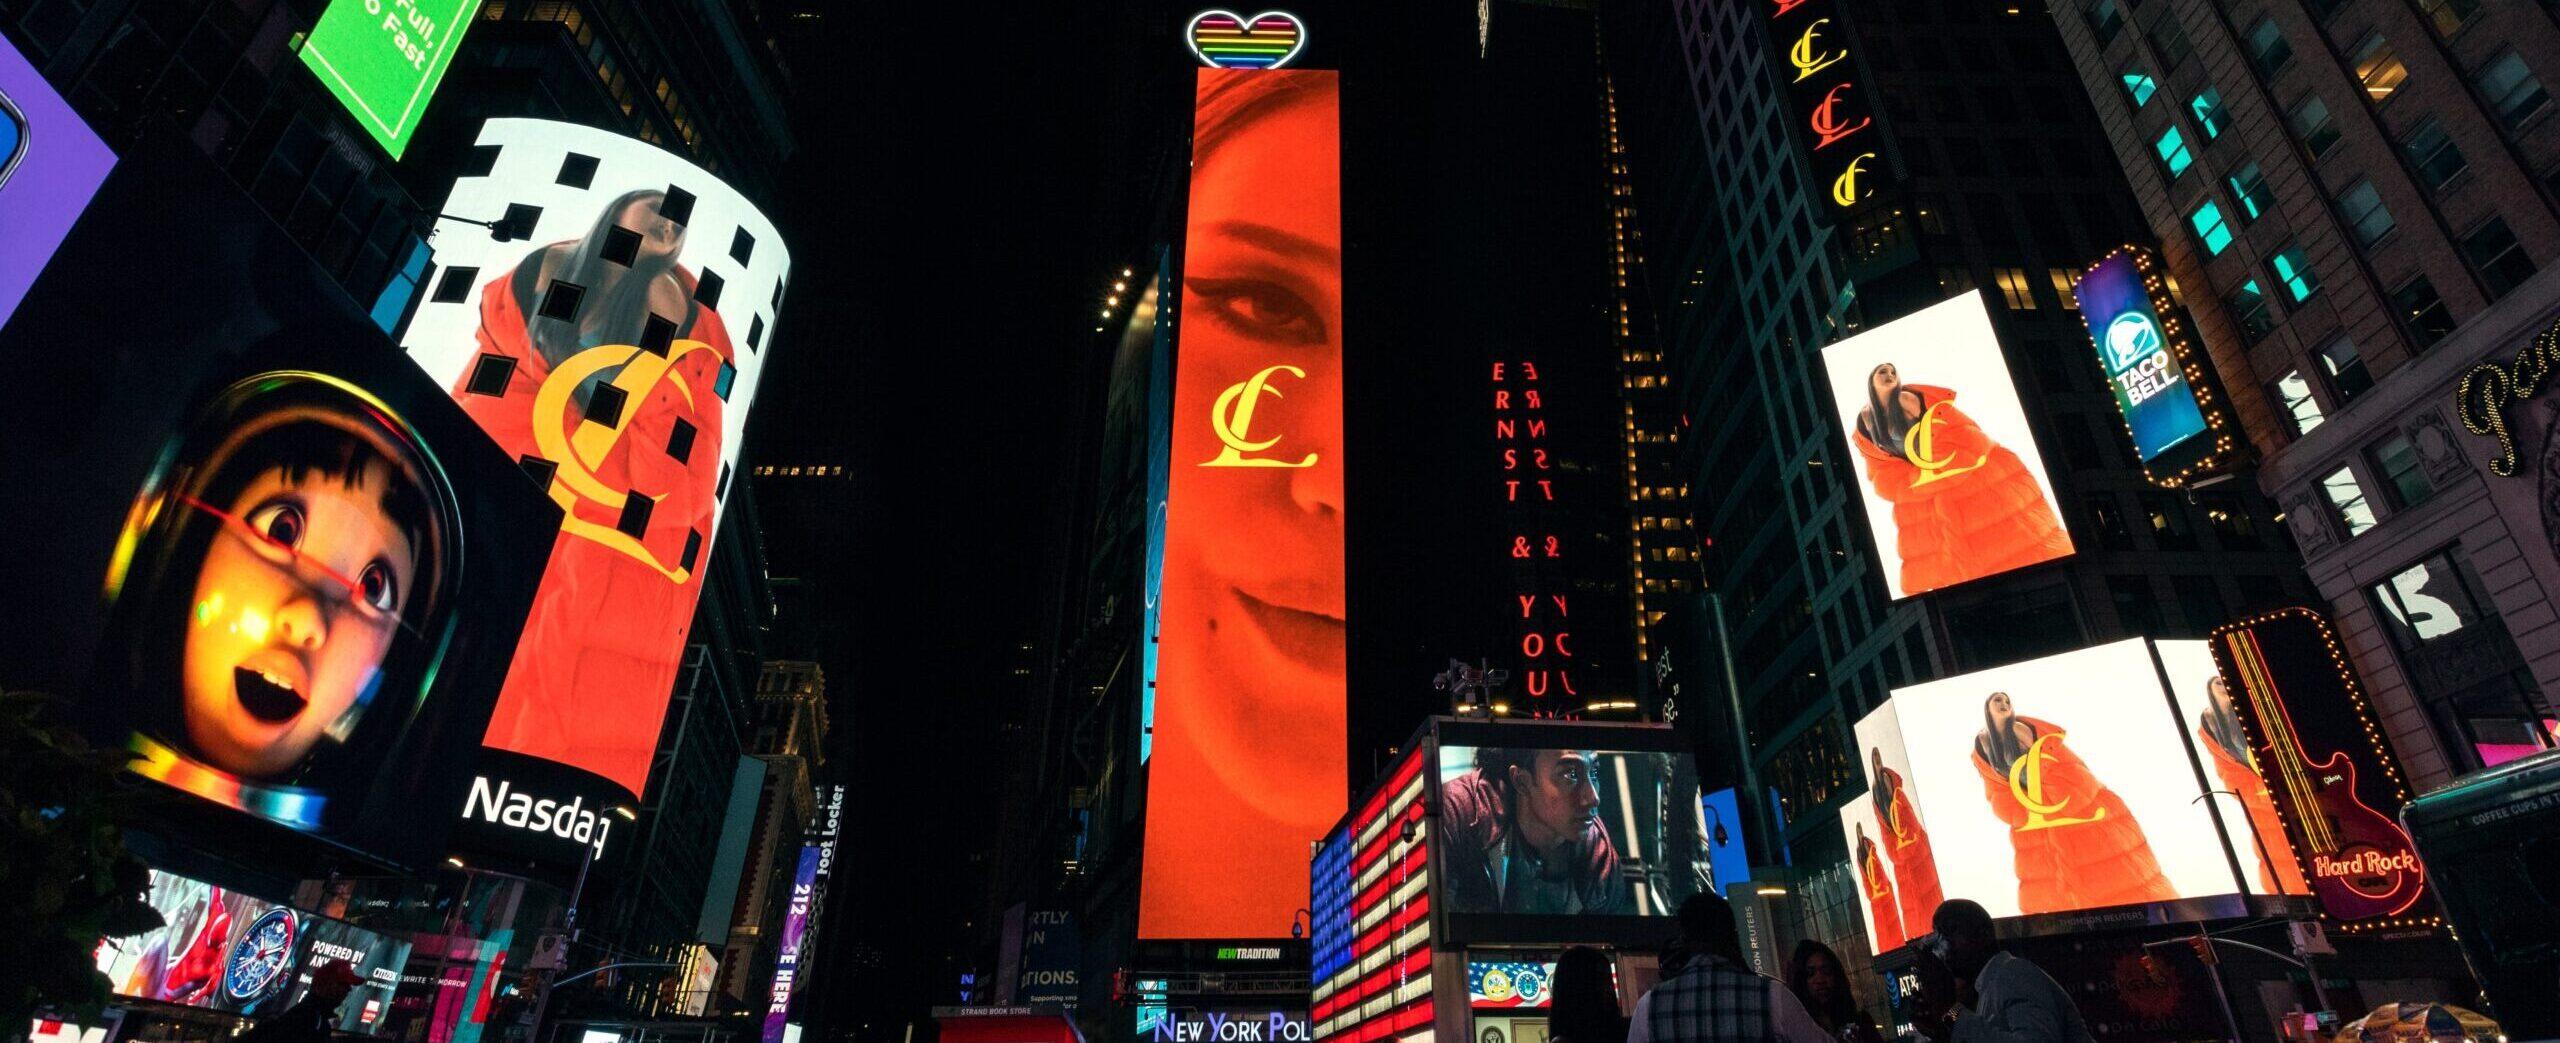 CL TImes Square Digital Billboard